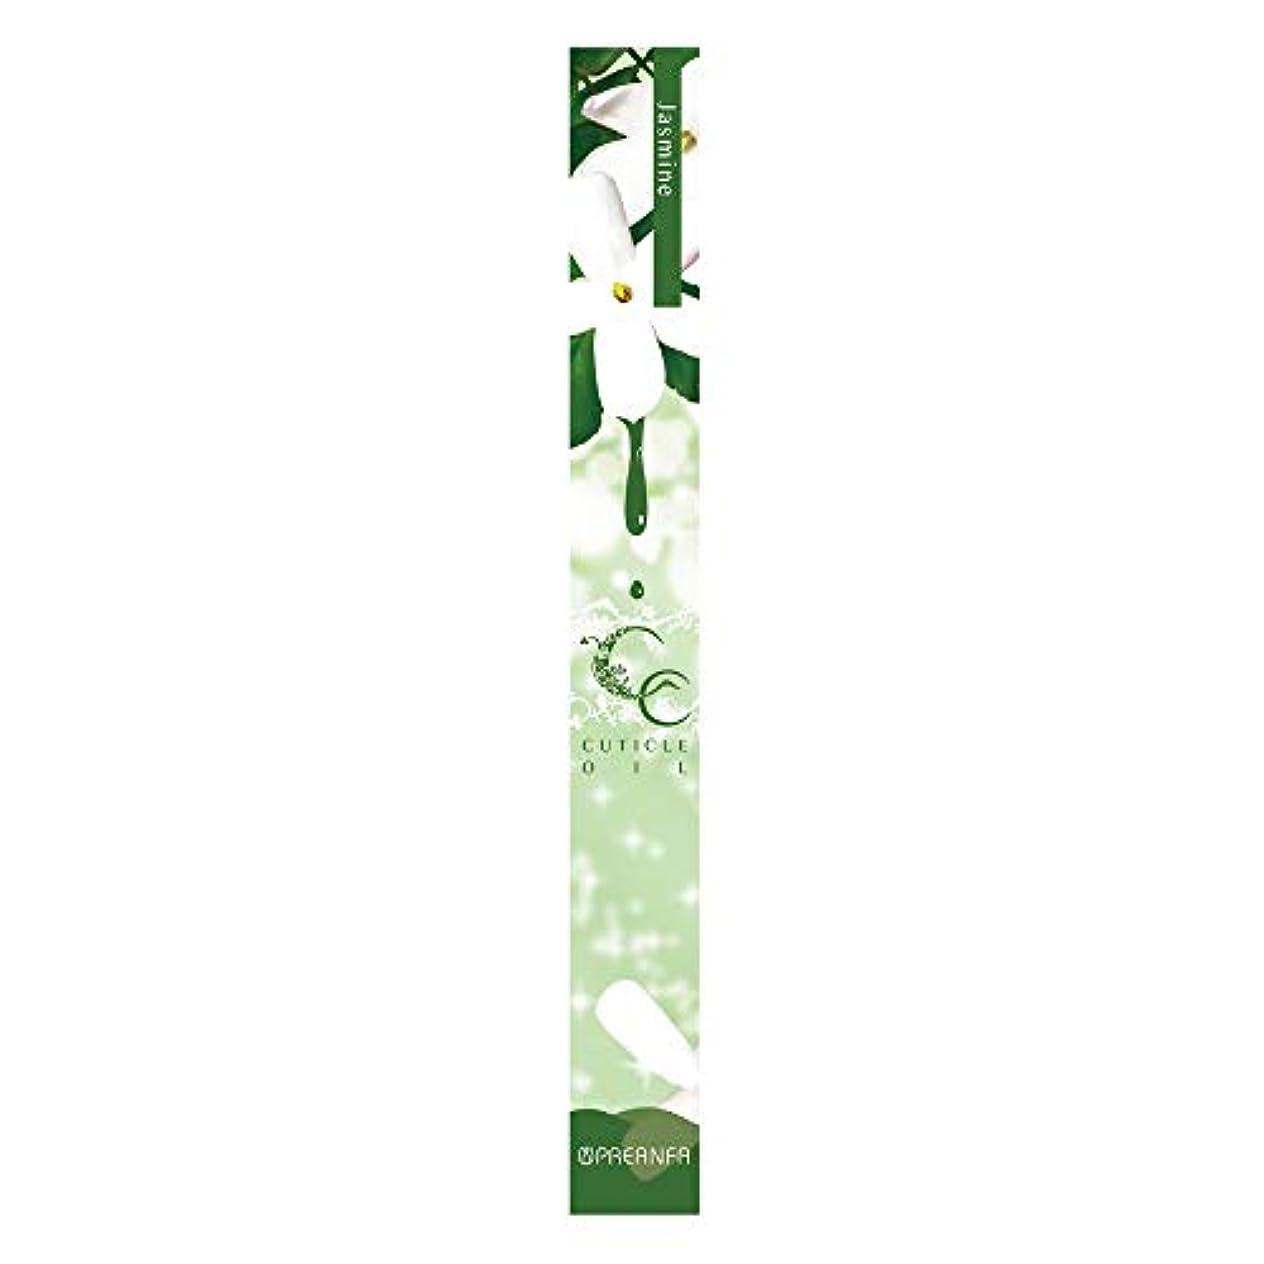 旅蒸気大使館プリジェル 甘皮ケア CCキューティクルオイル ジャスミン 4.5g  保湿オイル ペンタイプ